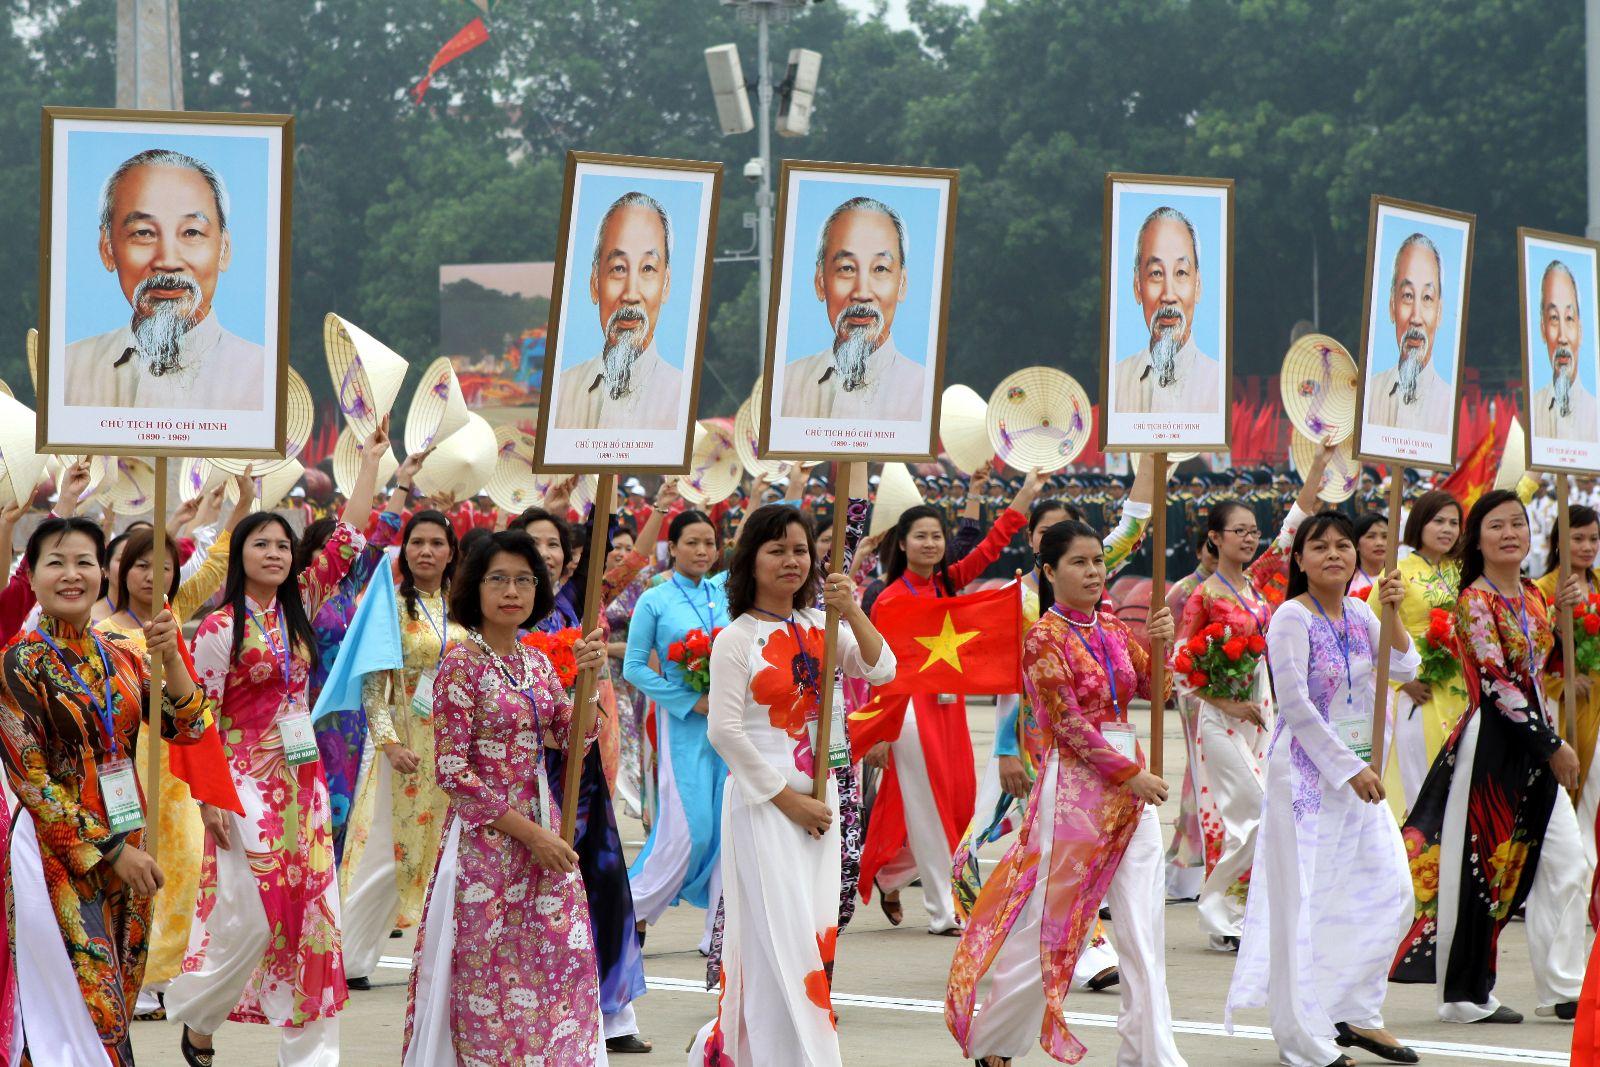 Học viện Phụ nữ Việt Nam tham gia diễu hành nhân kỉ niệm 70 năm ngày Quốc khánh